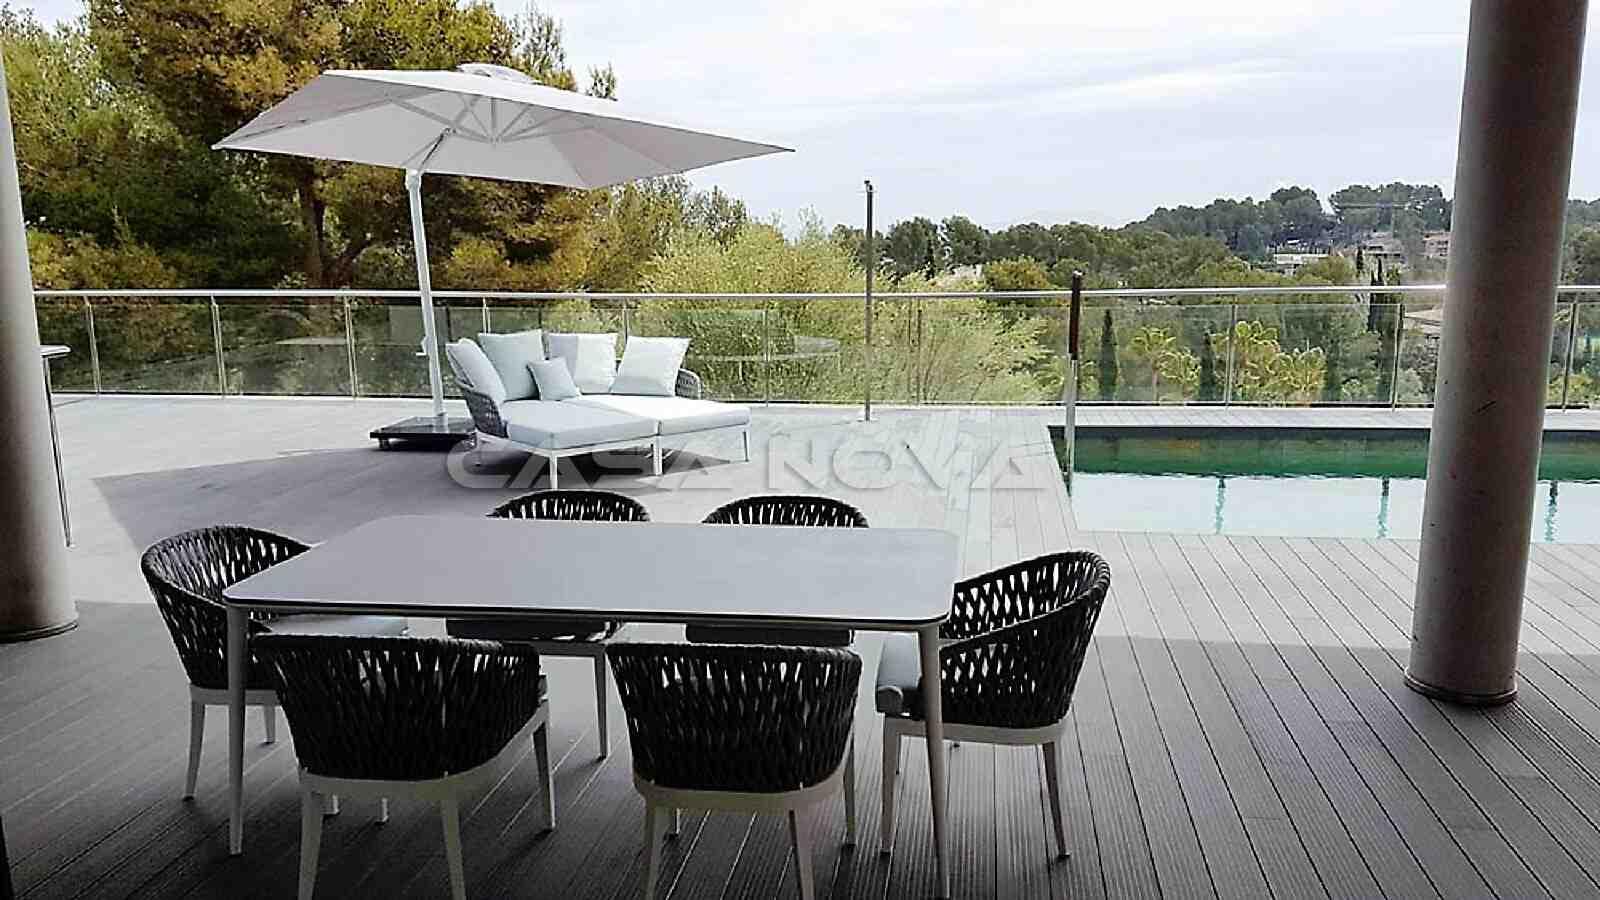 Überdachte Terrasse mit Blick auf den Pool und die Umgebung